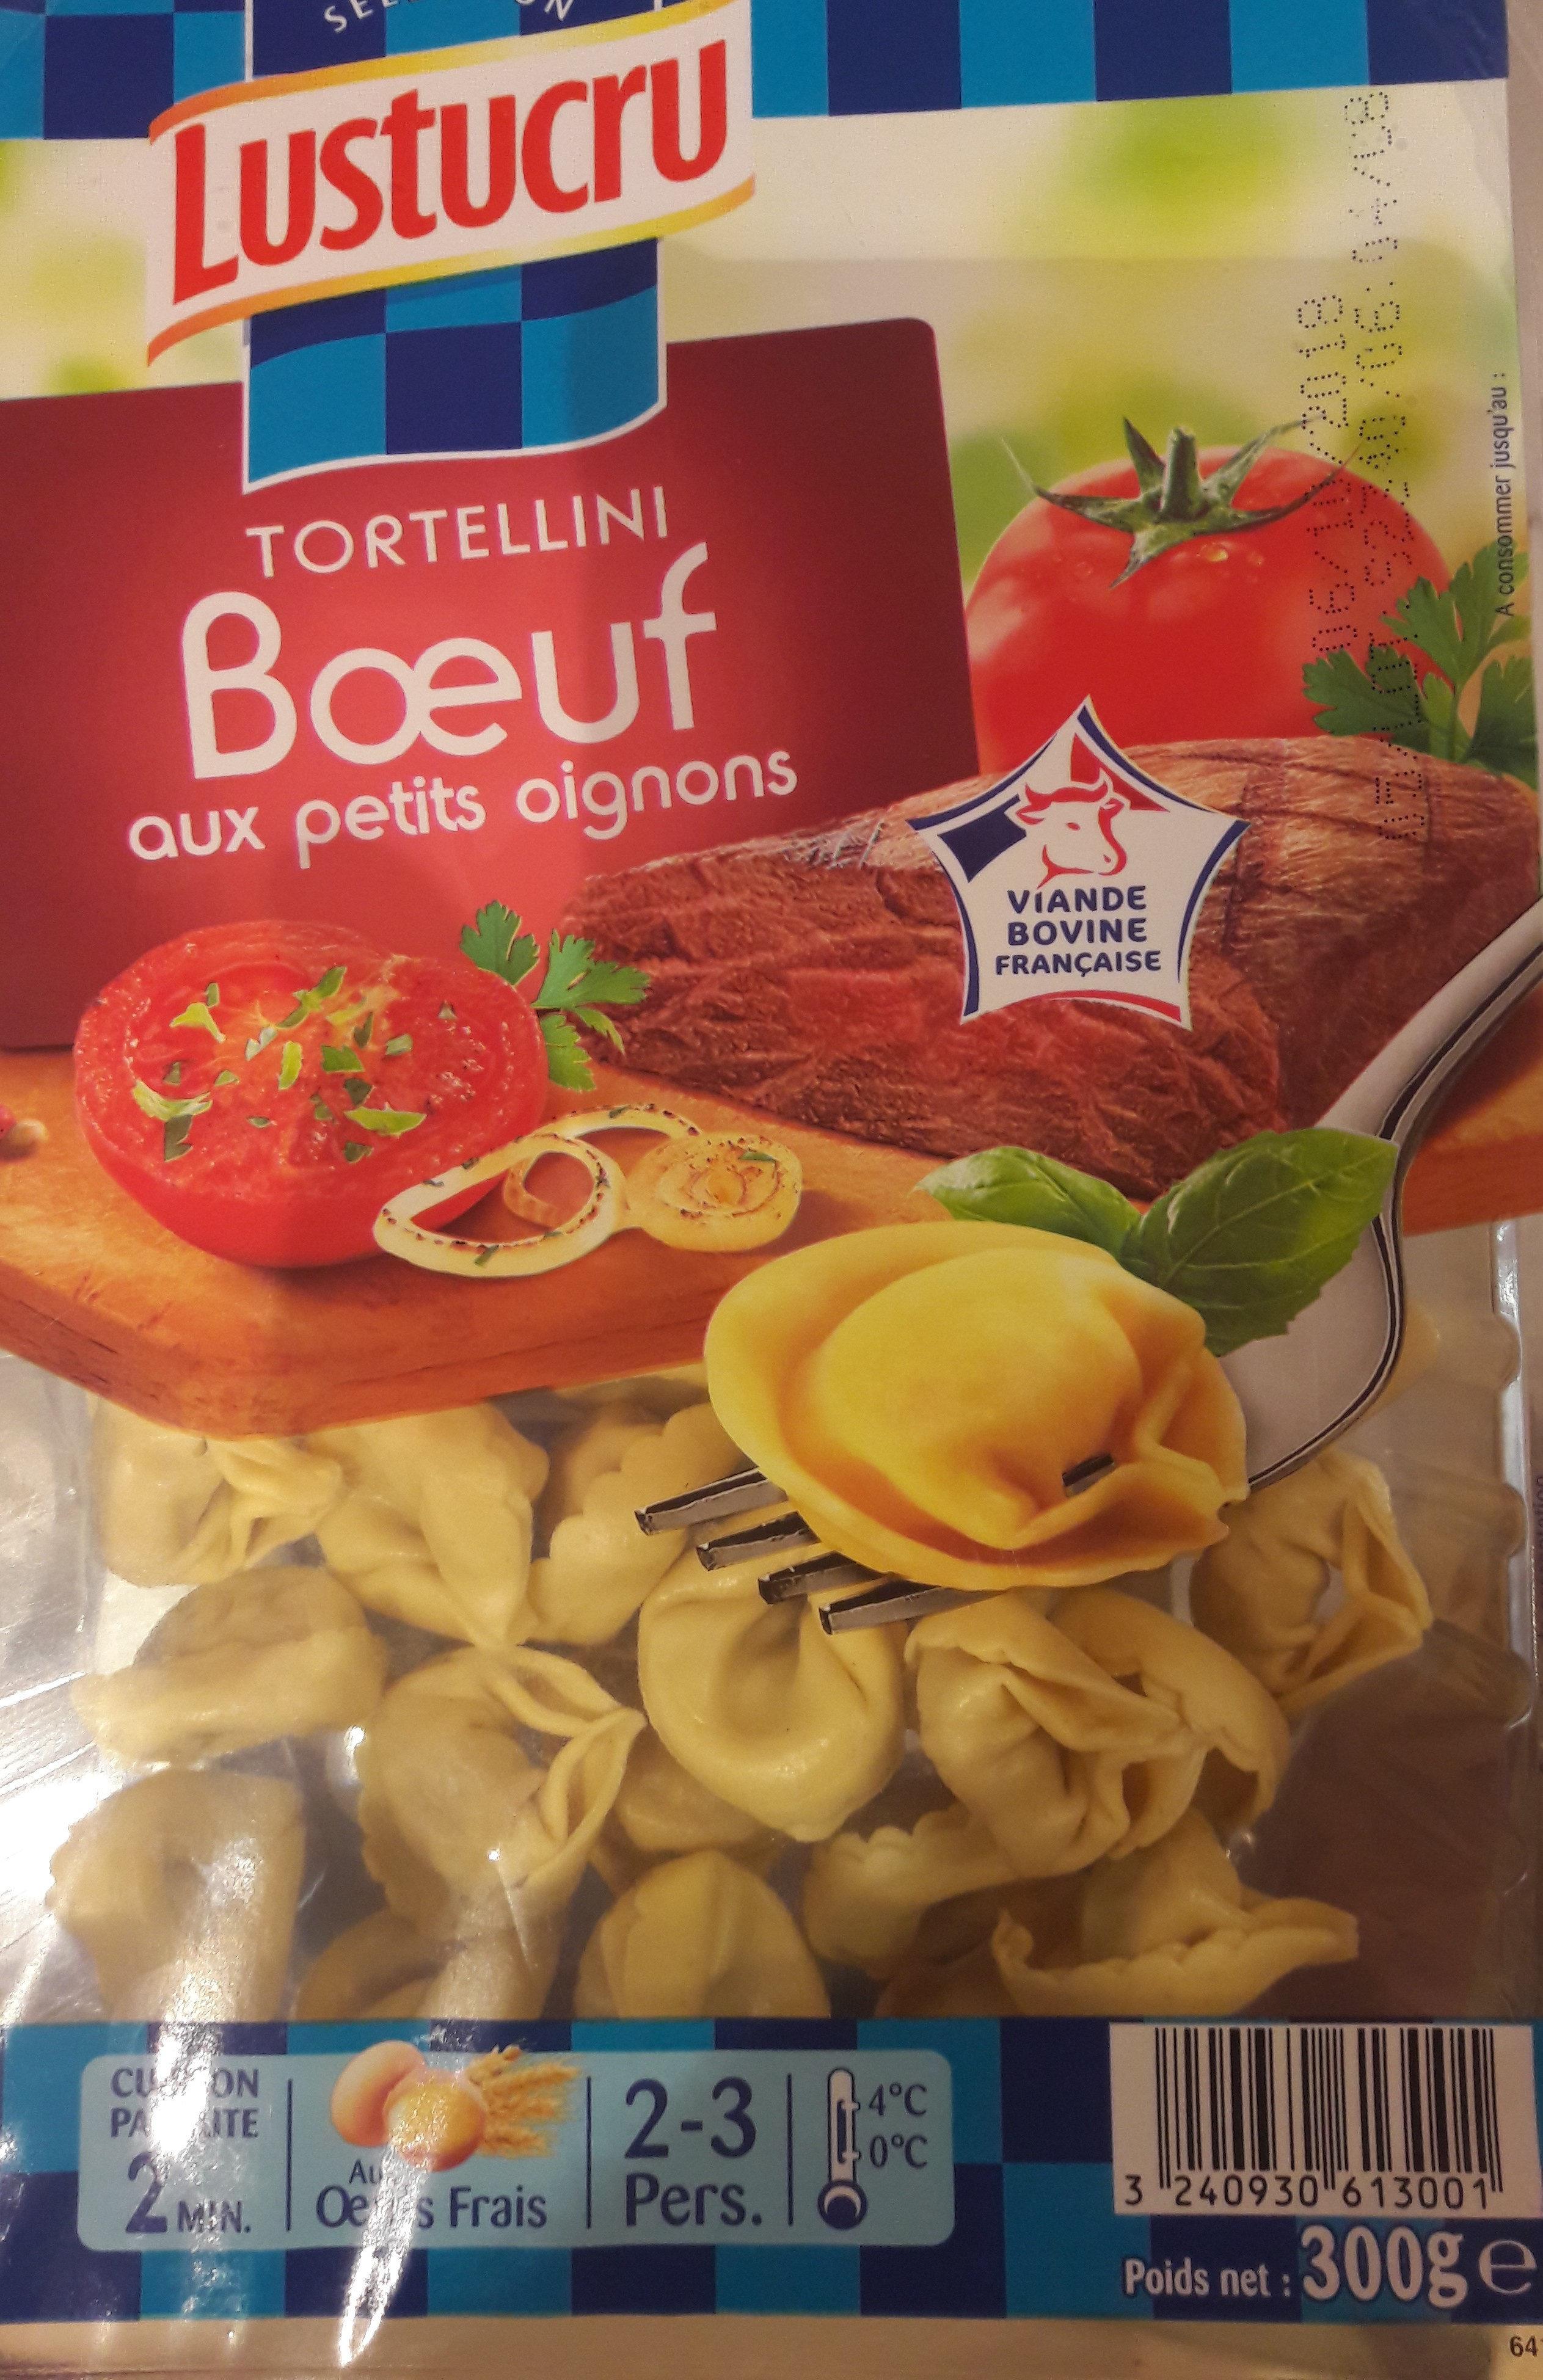 Tortellini, Bœuf aux petits oignons - Produit